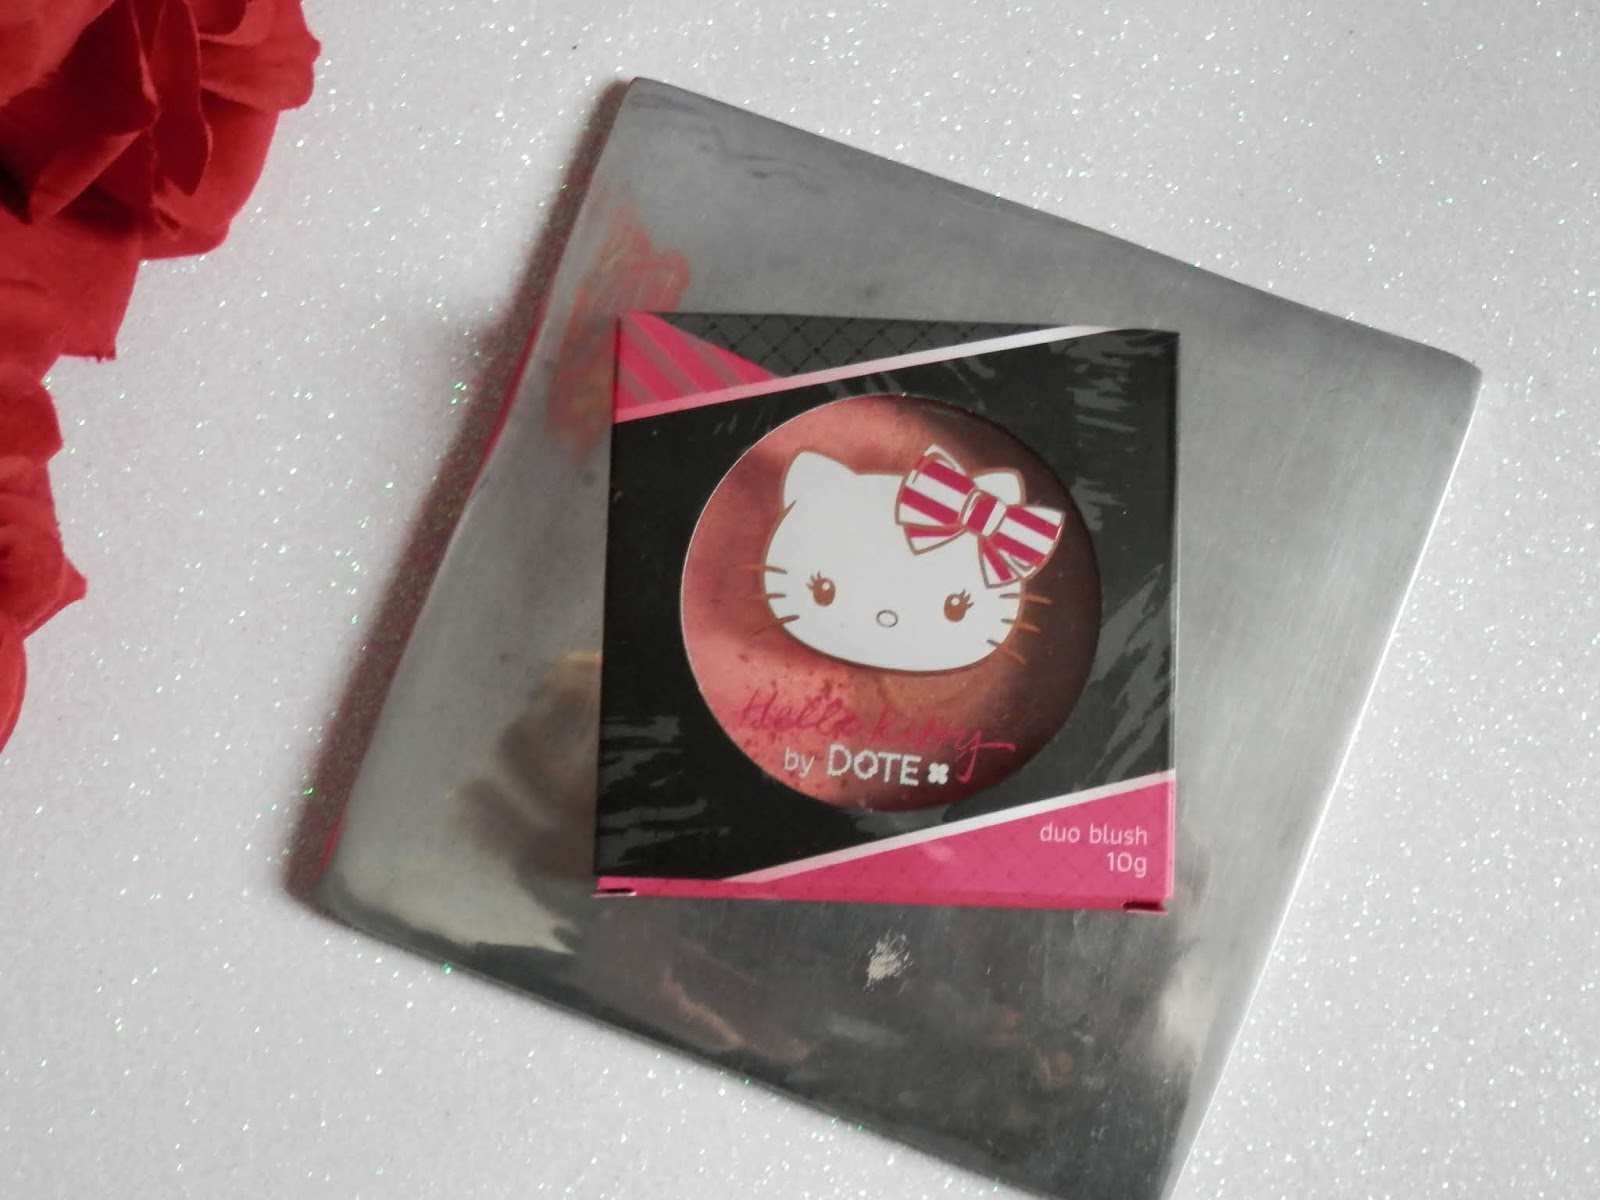 Resenha: Duo blush Pão De Mel  linha Hello Kitty - Dote